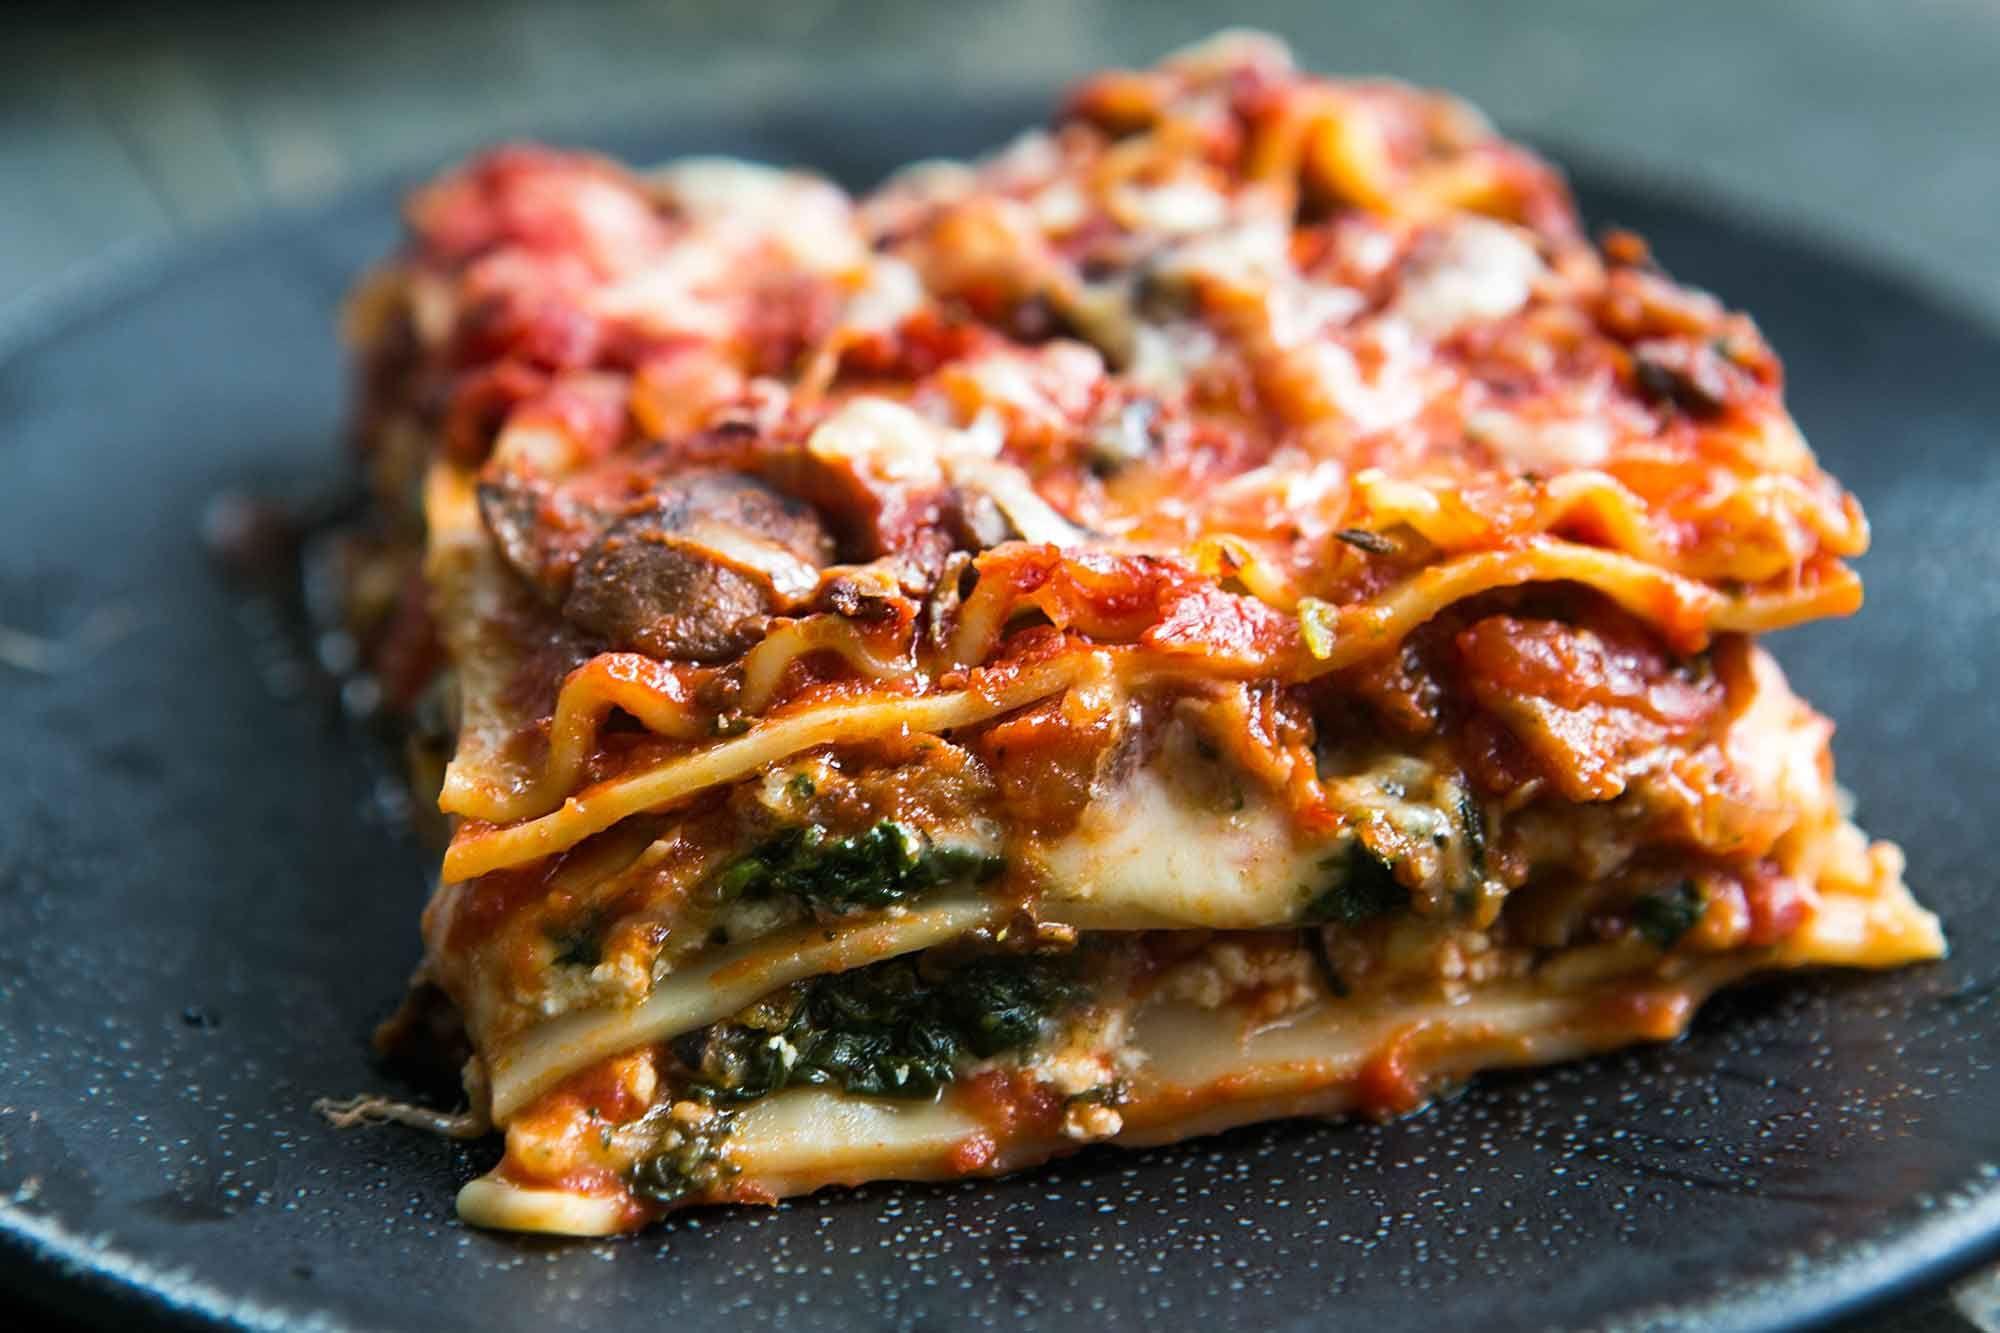 Vegetarian Lasagna A Favorite For All Simplyrecipes Com Recipe Mushroom Lasagna Vegetarian Lasagna Recipe Vegetarian Lasagna